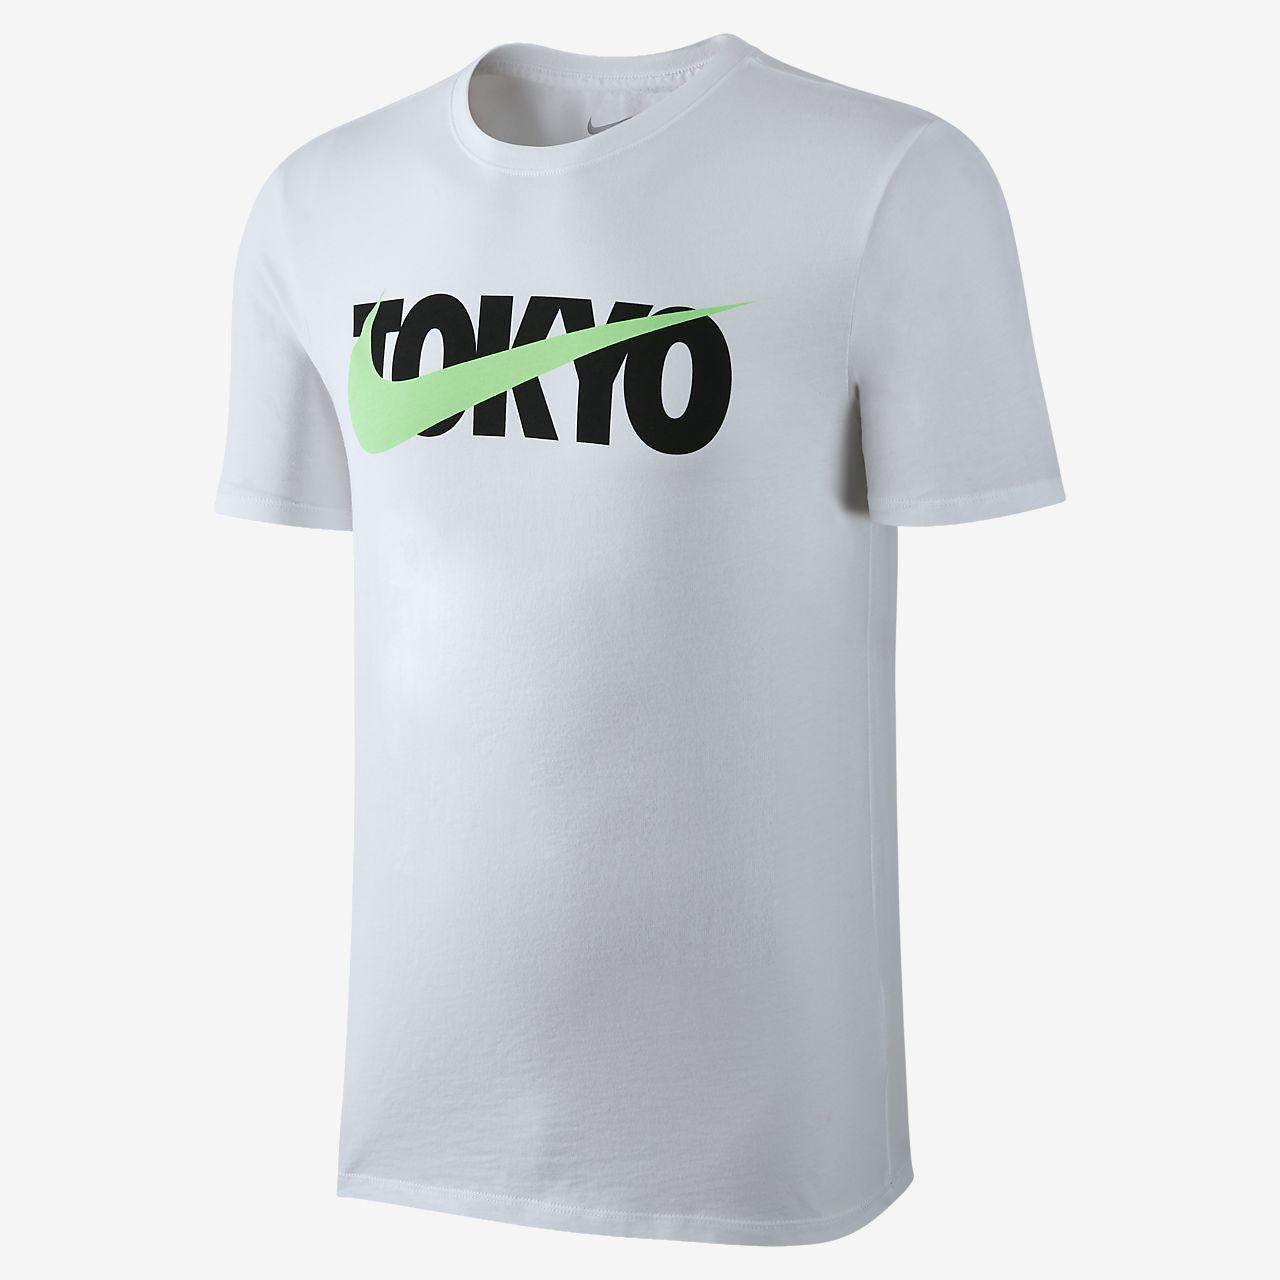 ナイキ TOKYO スウッシュ メンズ Tシャツ